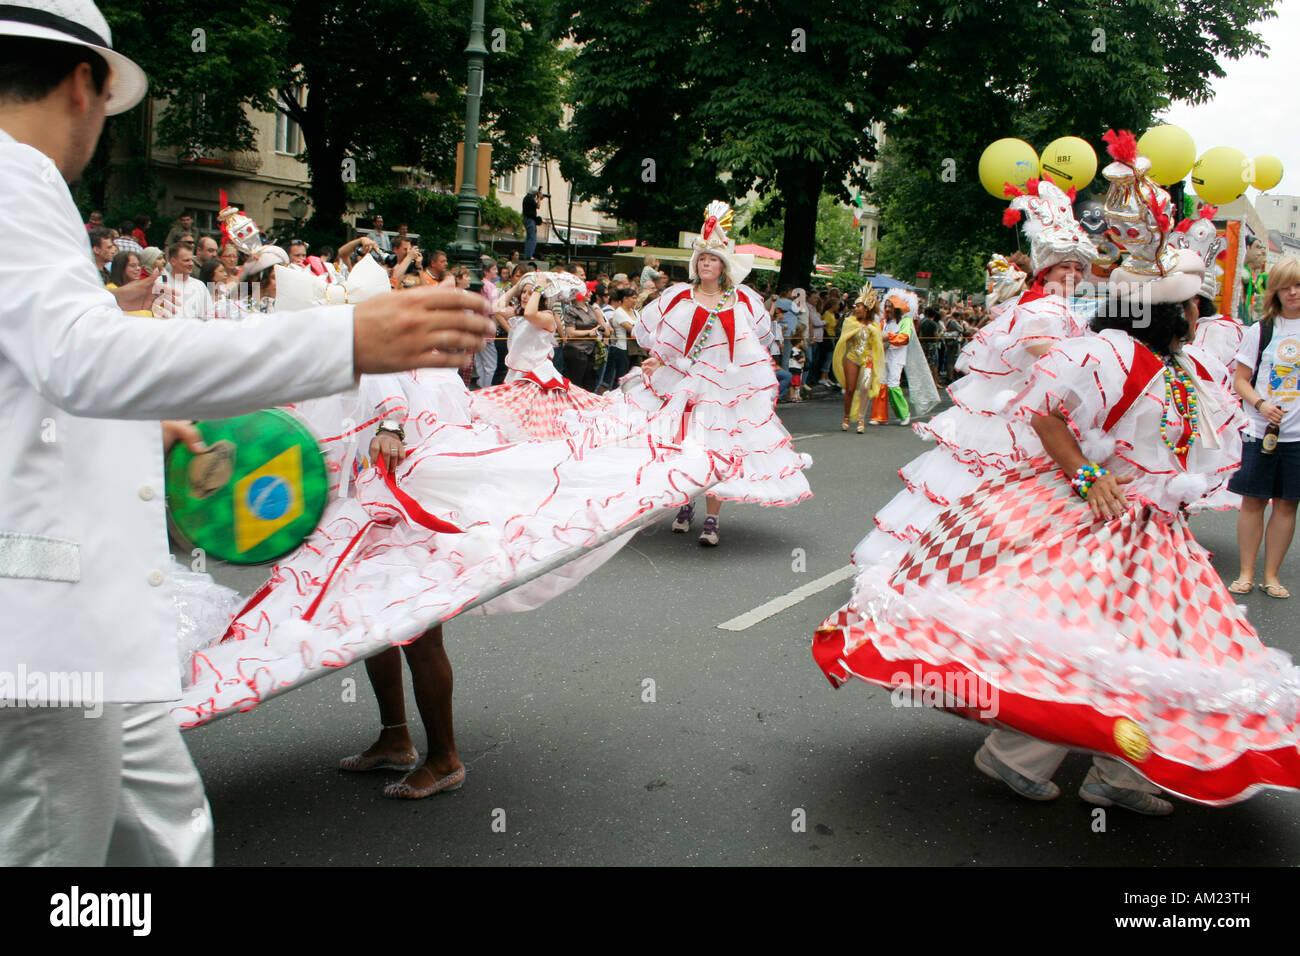 Carnaval de las Culturas, Kreuzberg, Berlín, Alemania Imagen De Stock